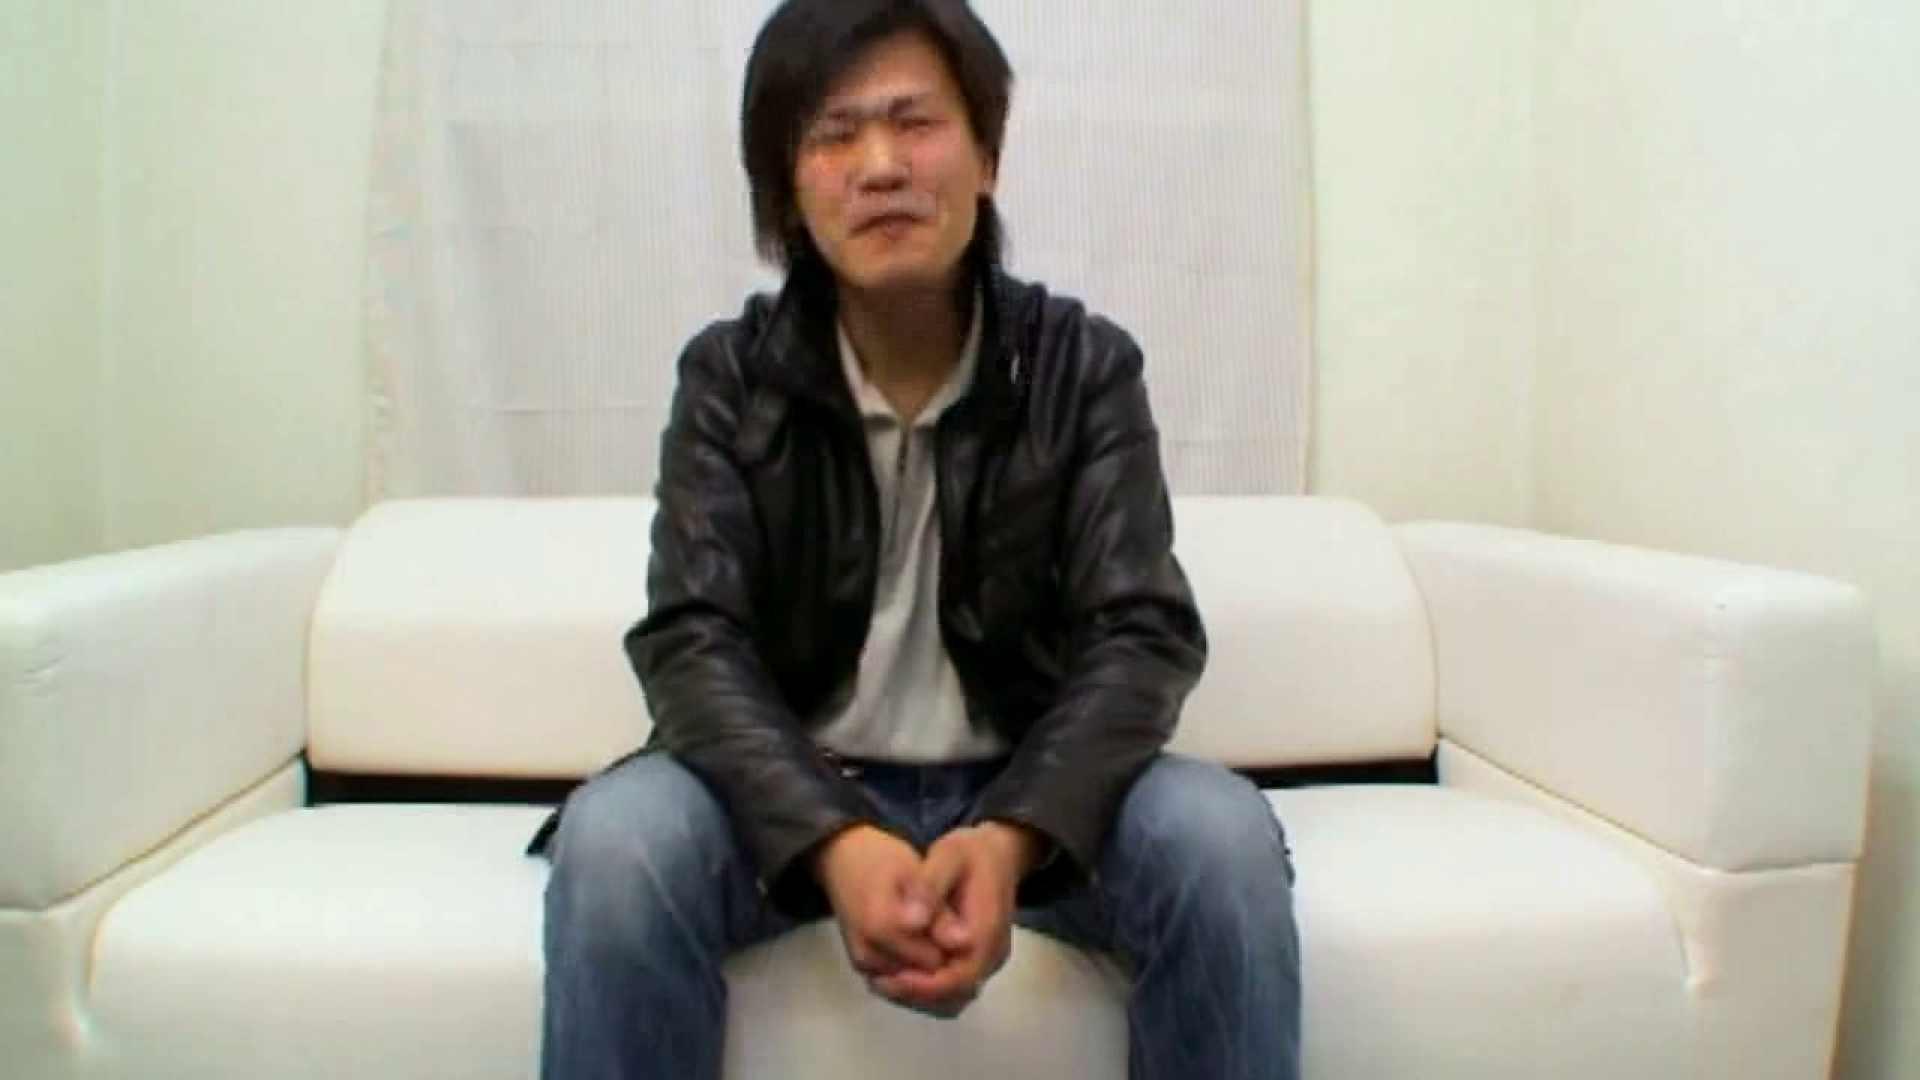 ノンケ!自慰スタジオ No.26 ノンケ君達の・・ | ゲイのオナニー映像  109枚 40